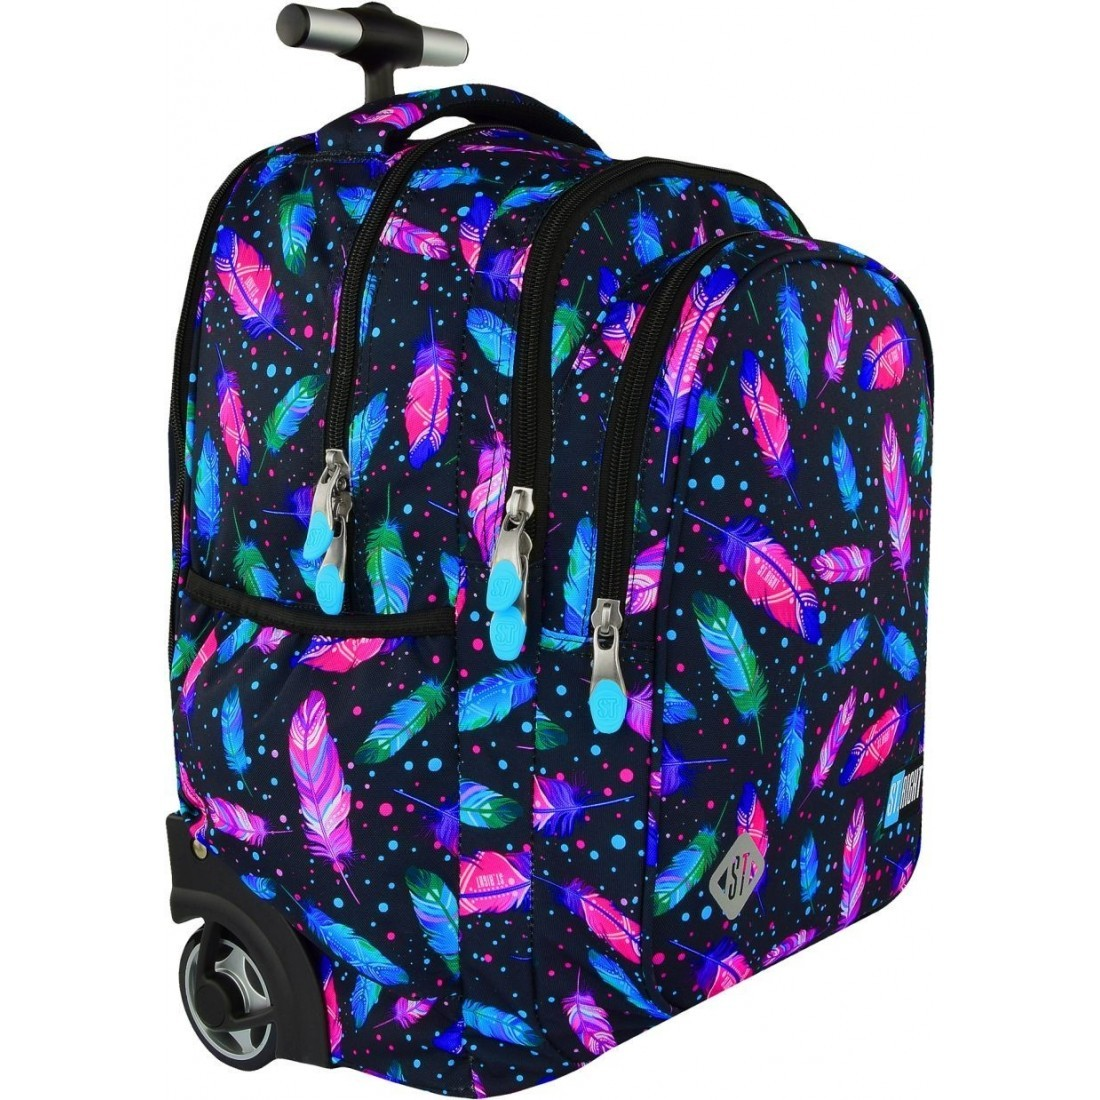 d4df0681a726a ... Plecak na kółkach ST.RIGHT FEATHERS kolorowe piórka dla dziewczyn HIT  2018 ...